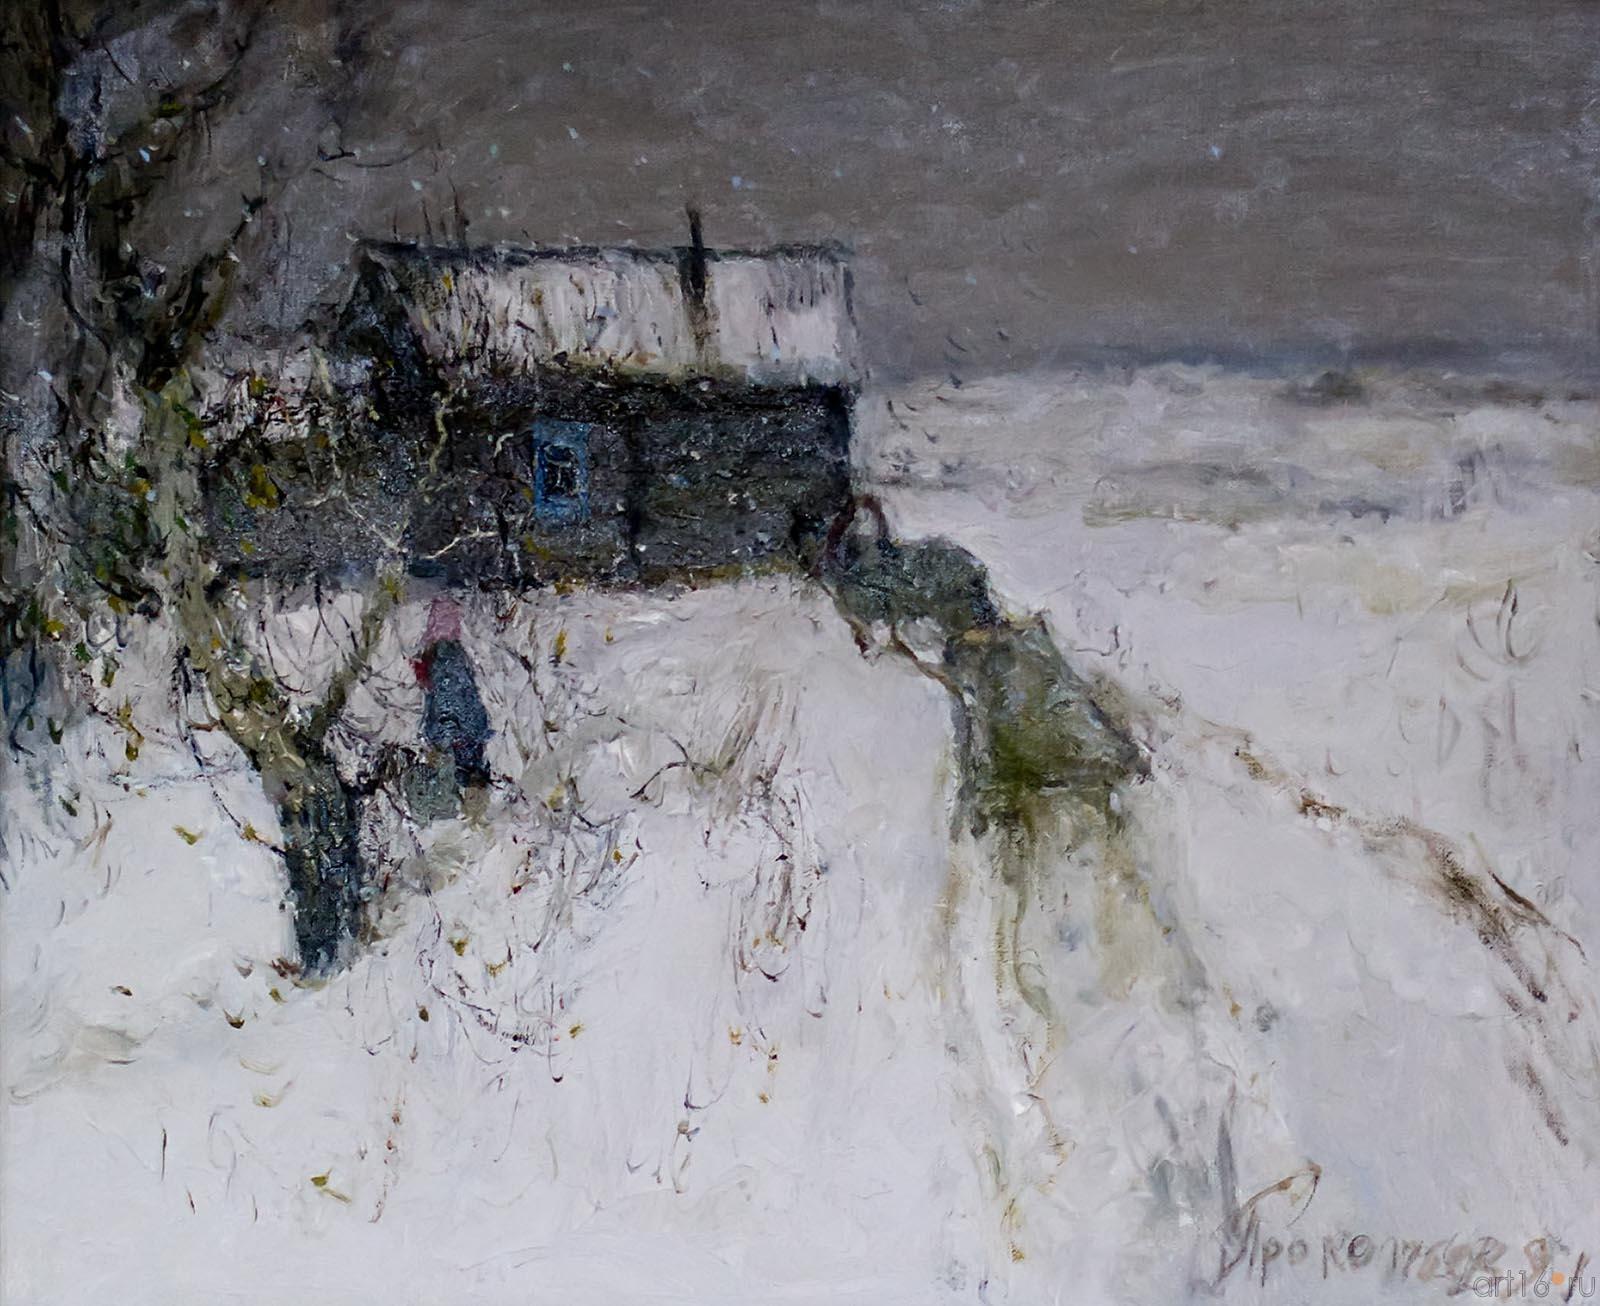 ПАДАЕТ СНЕГ. 1991::Андрей Лаврентьевич Прокопьев. Выставка, посвященная 90-летию со дня рождения